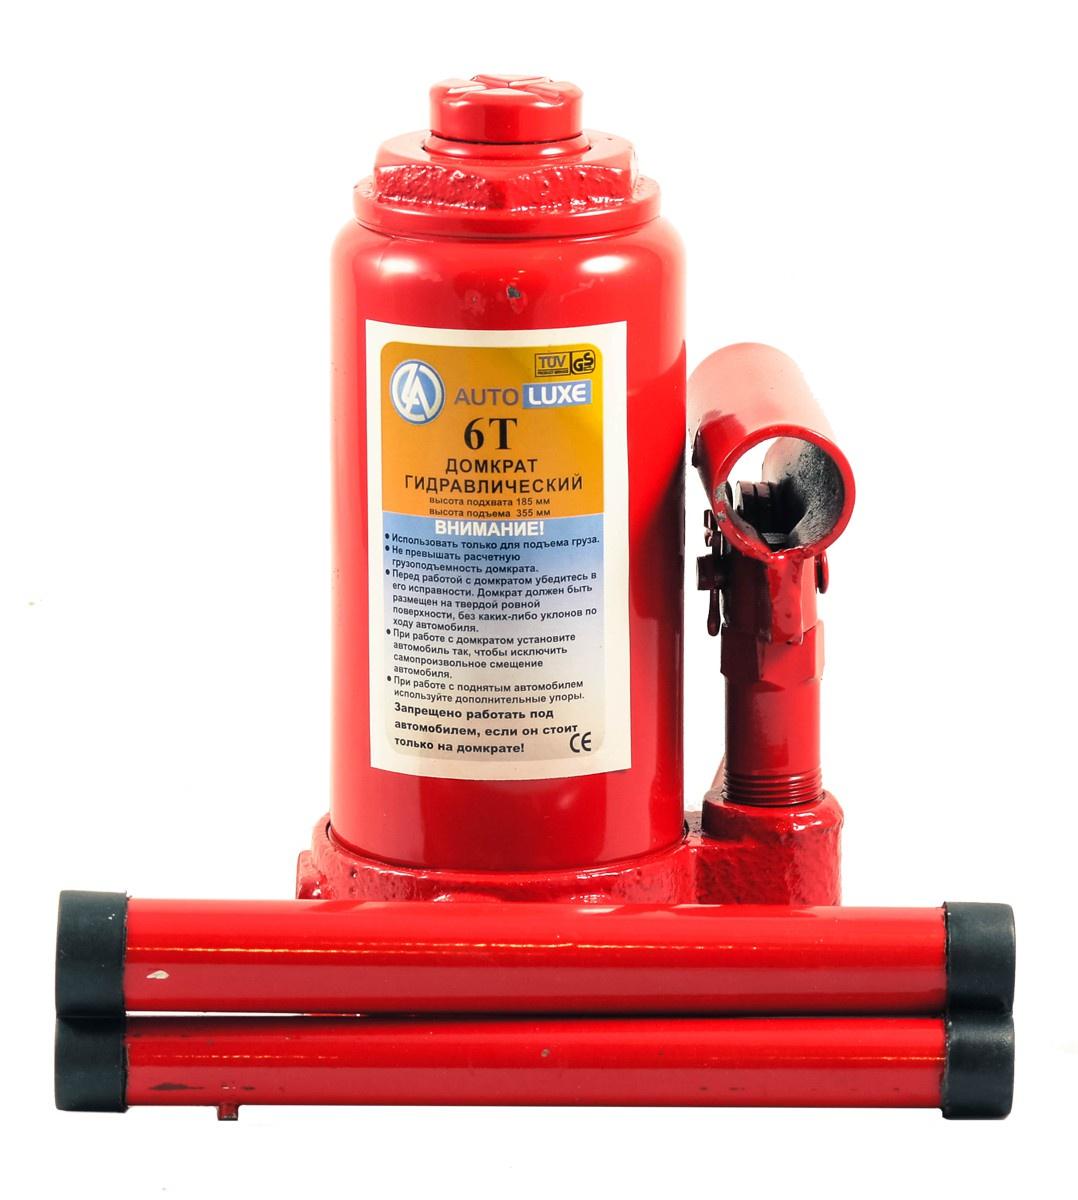 Гидравлический домкрат Autoluxe грузоподъемностью до 6 тонн, красный гидравлический домкрат autoluxe подкатной грузоподъемность до 3 тонн красный